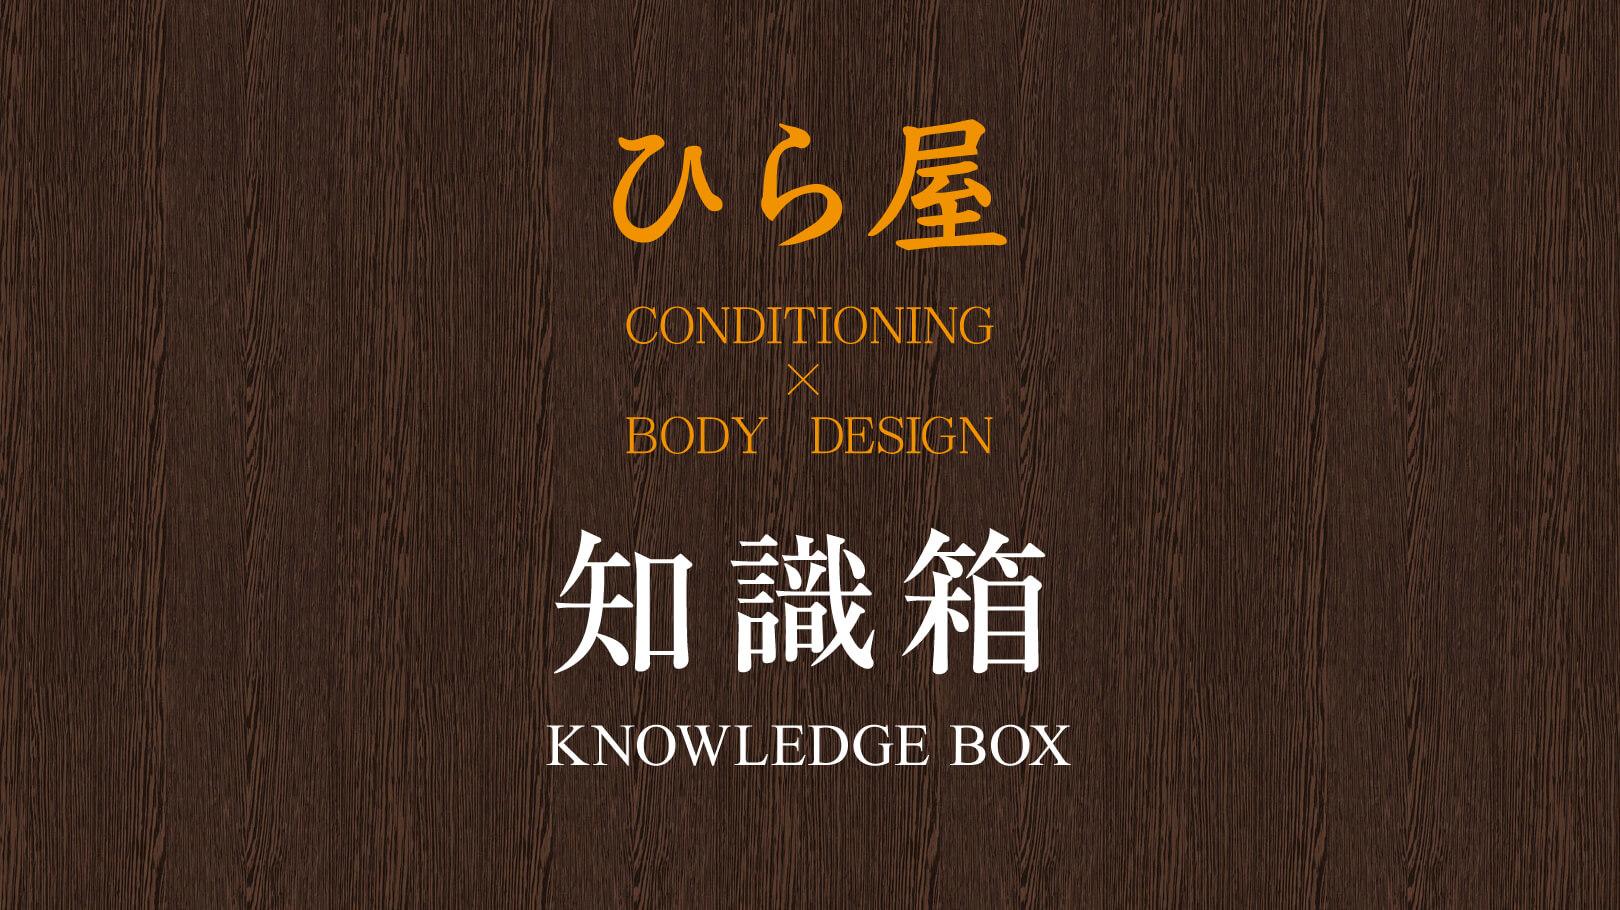 ひら屋の知識箱